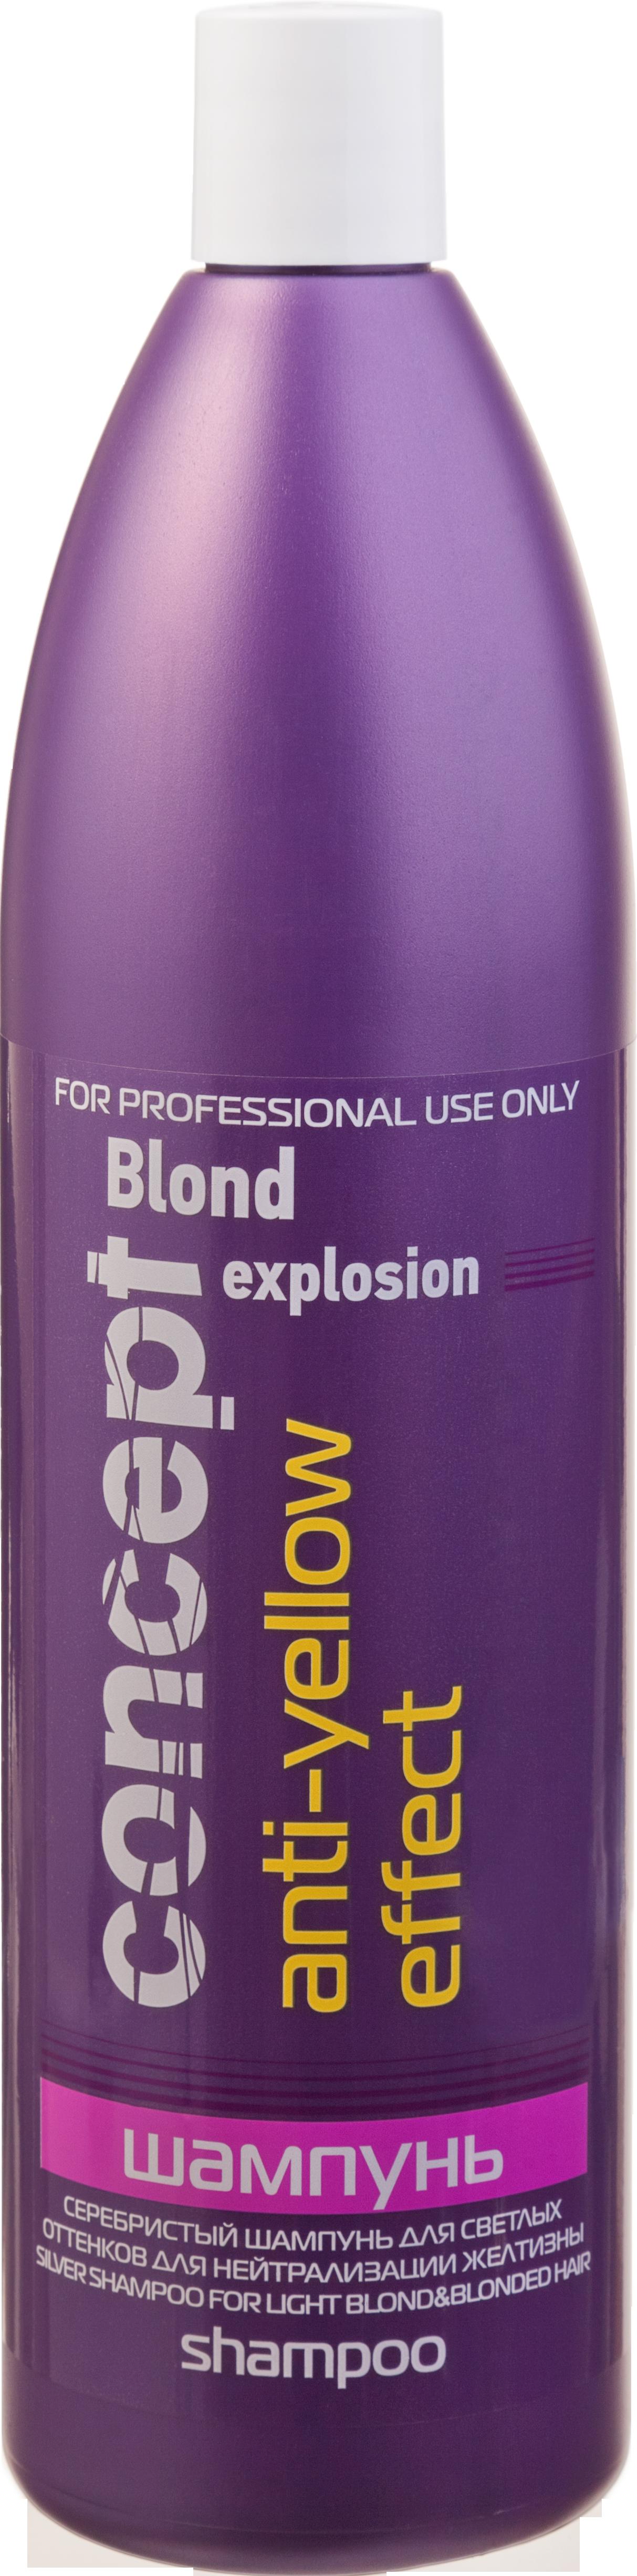 Оттеночный шампунь для волос серебристый